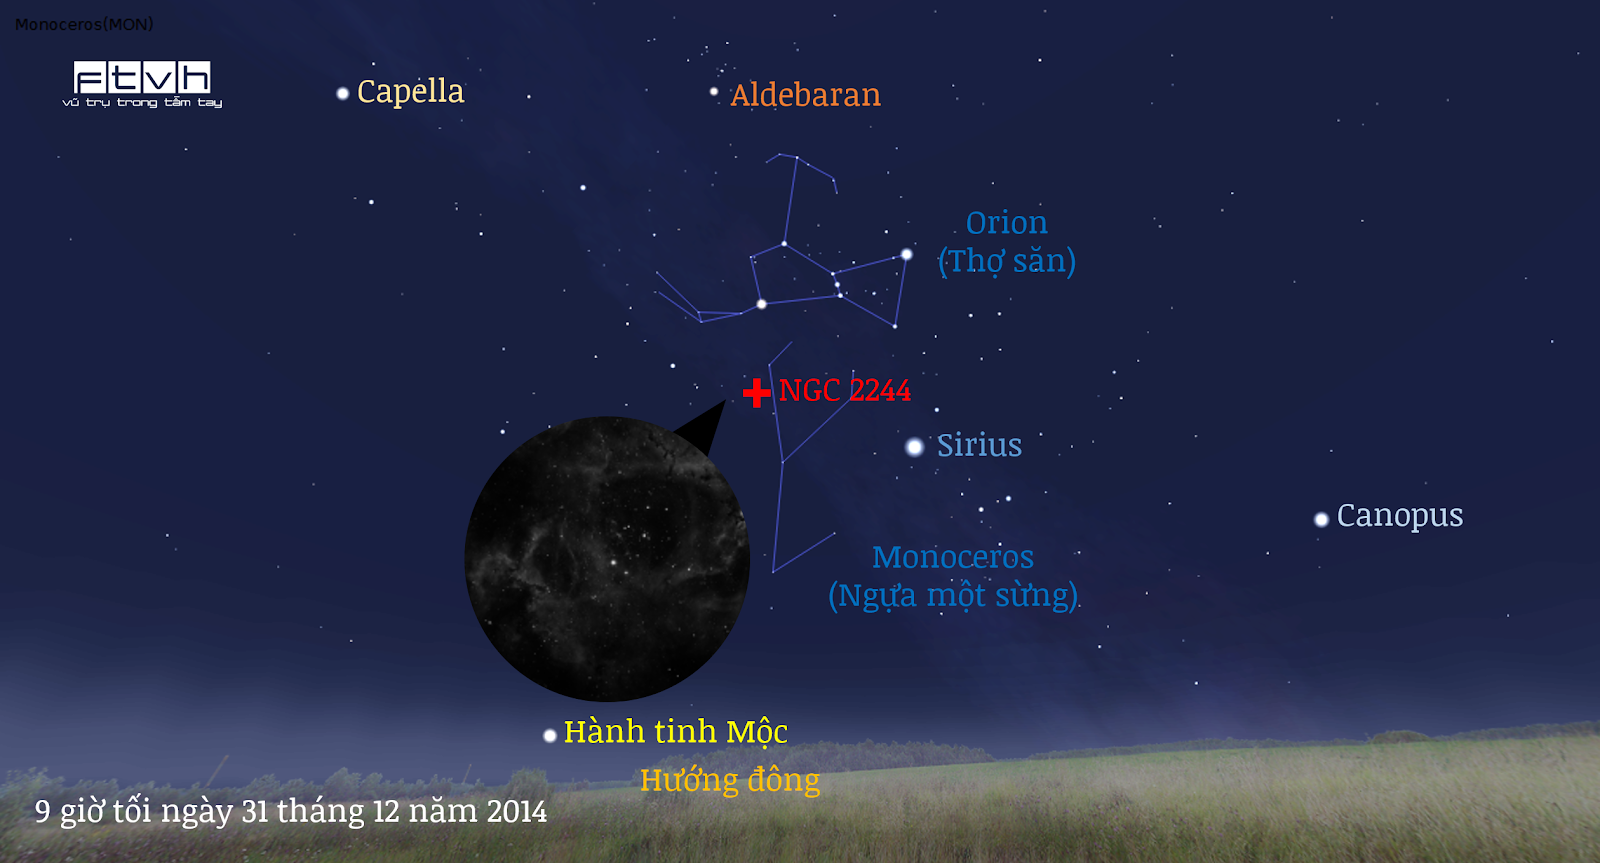 Minh họa bầu trời hướng đông lúc 9 giờ tối ngày 1 tháng 1 năm 2015.